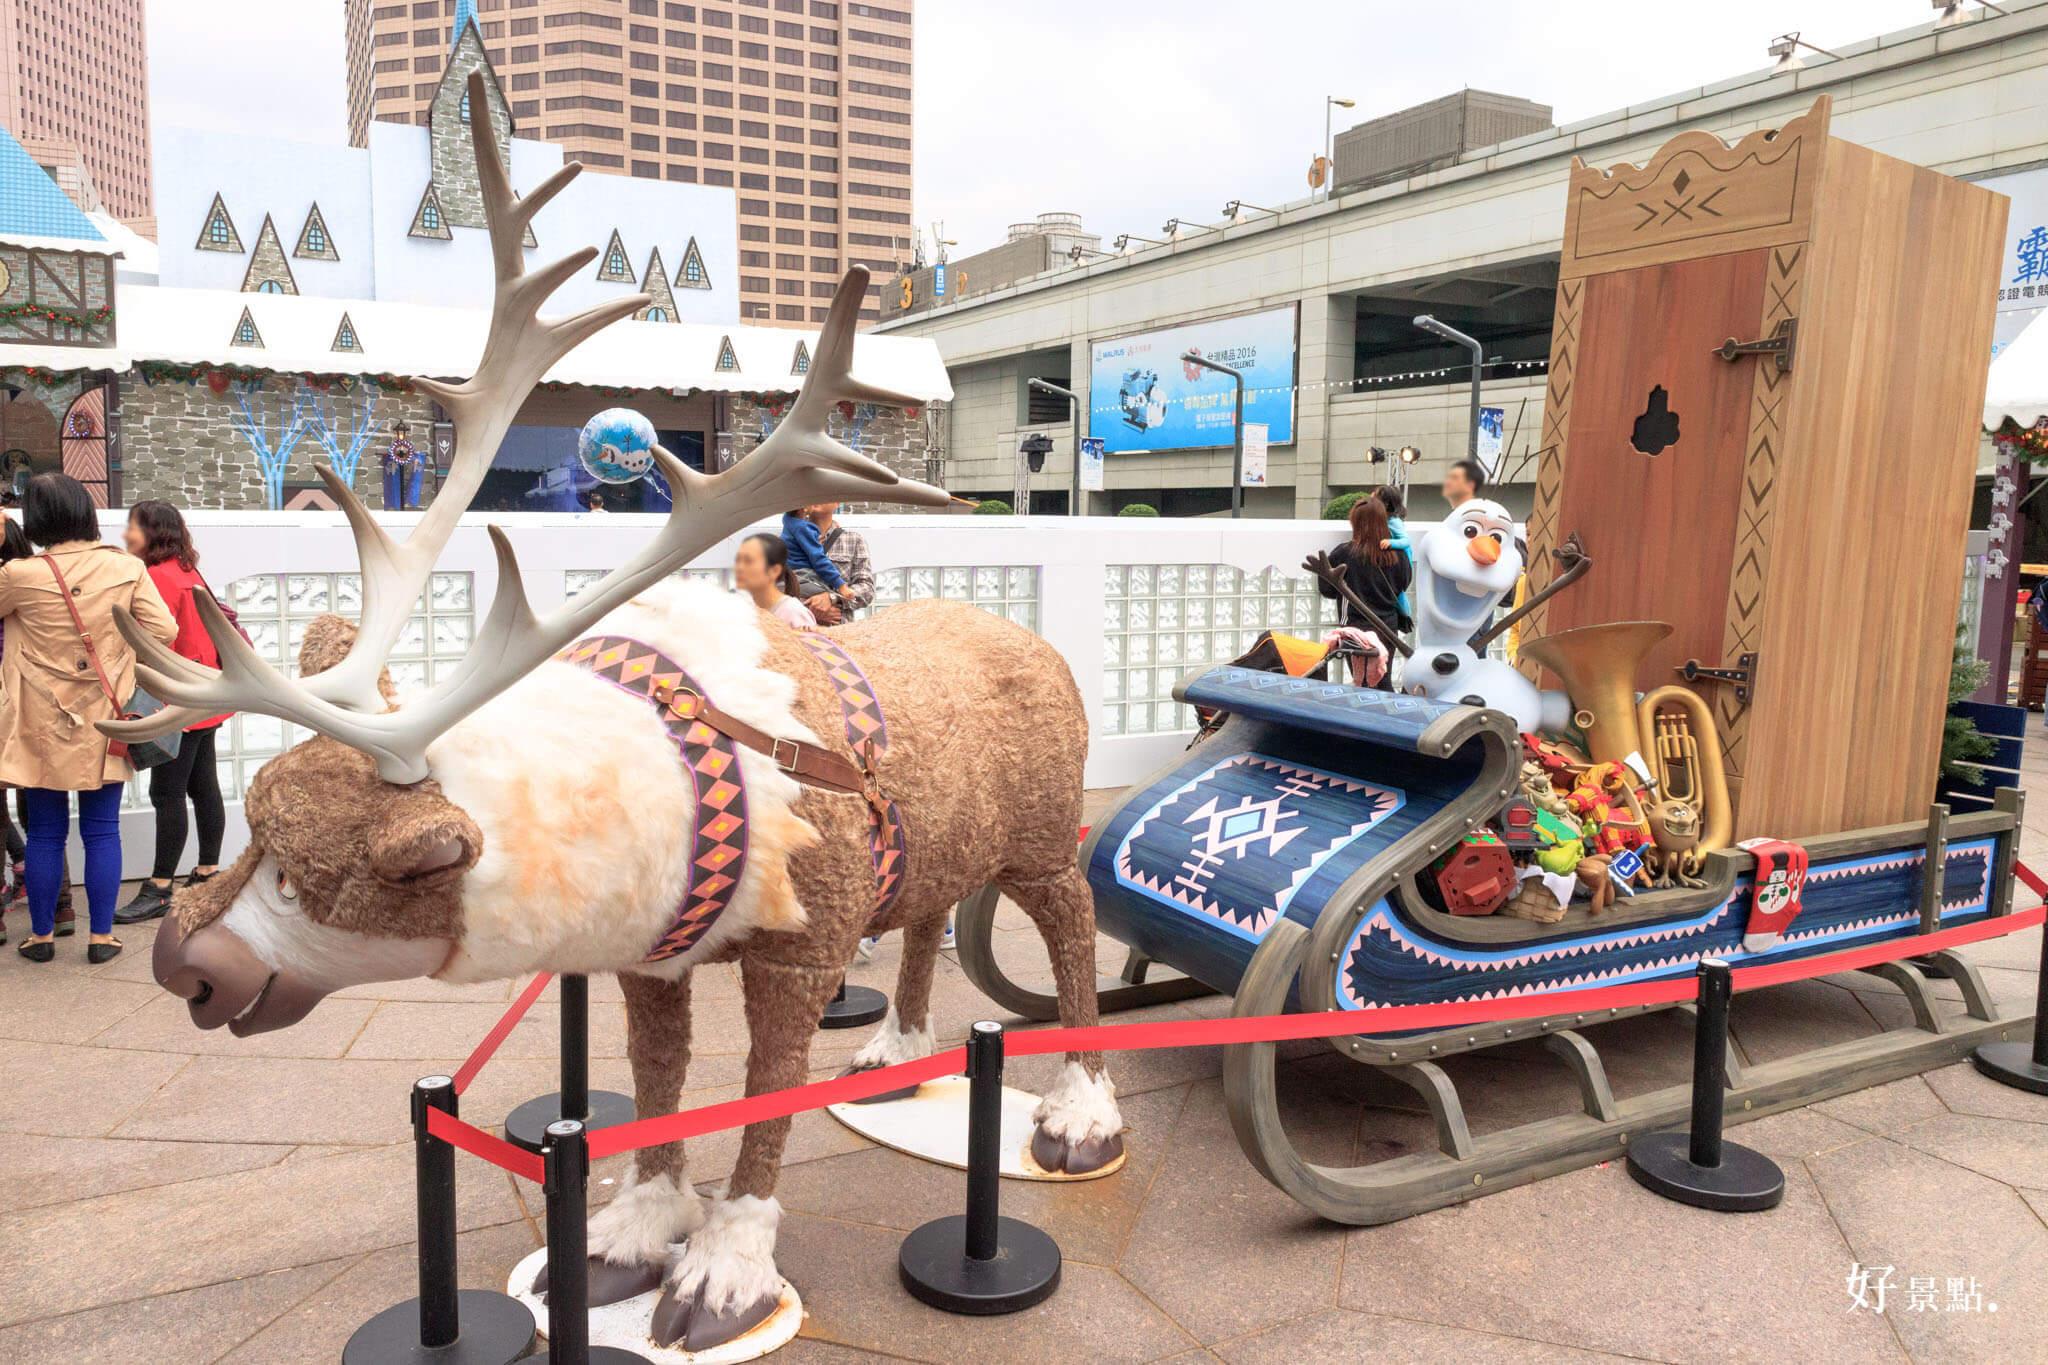 |台北。信義|迪士尼冰雪奇緣嘉年華-雪怪、艾莎、安娜、雪寶、冰晶聖誕樹超好拍照